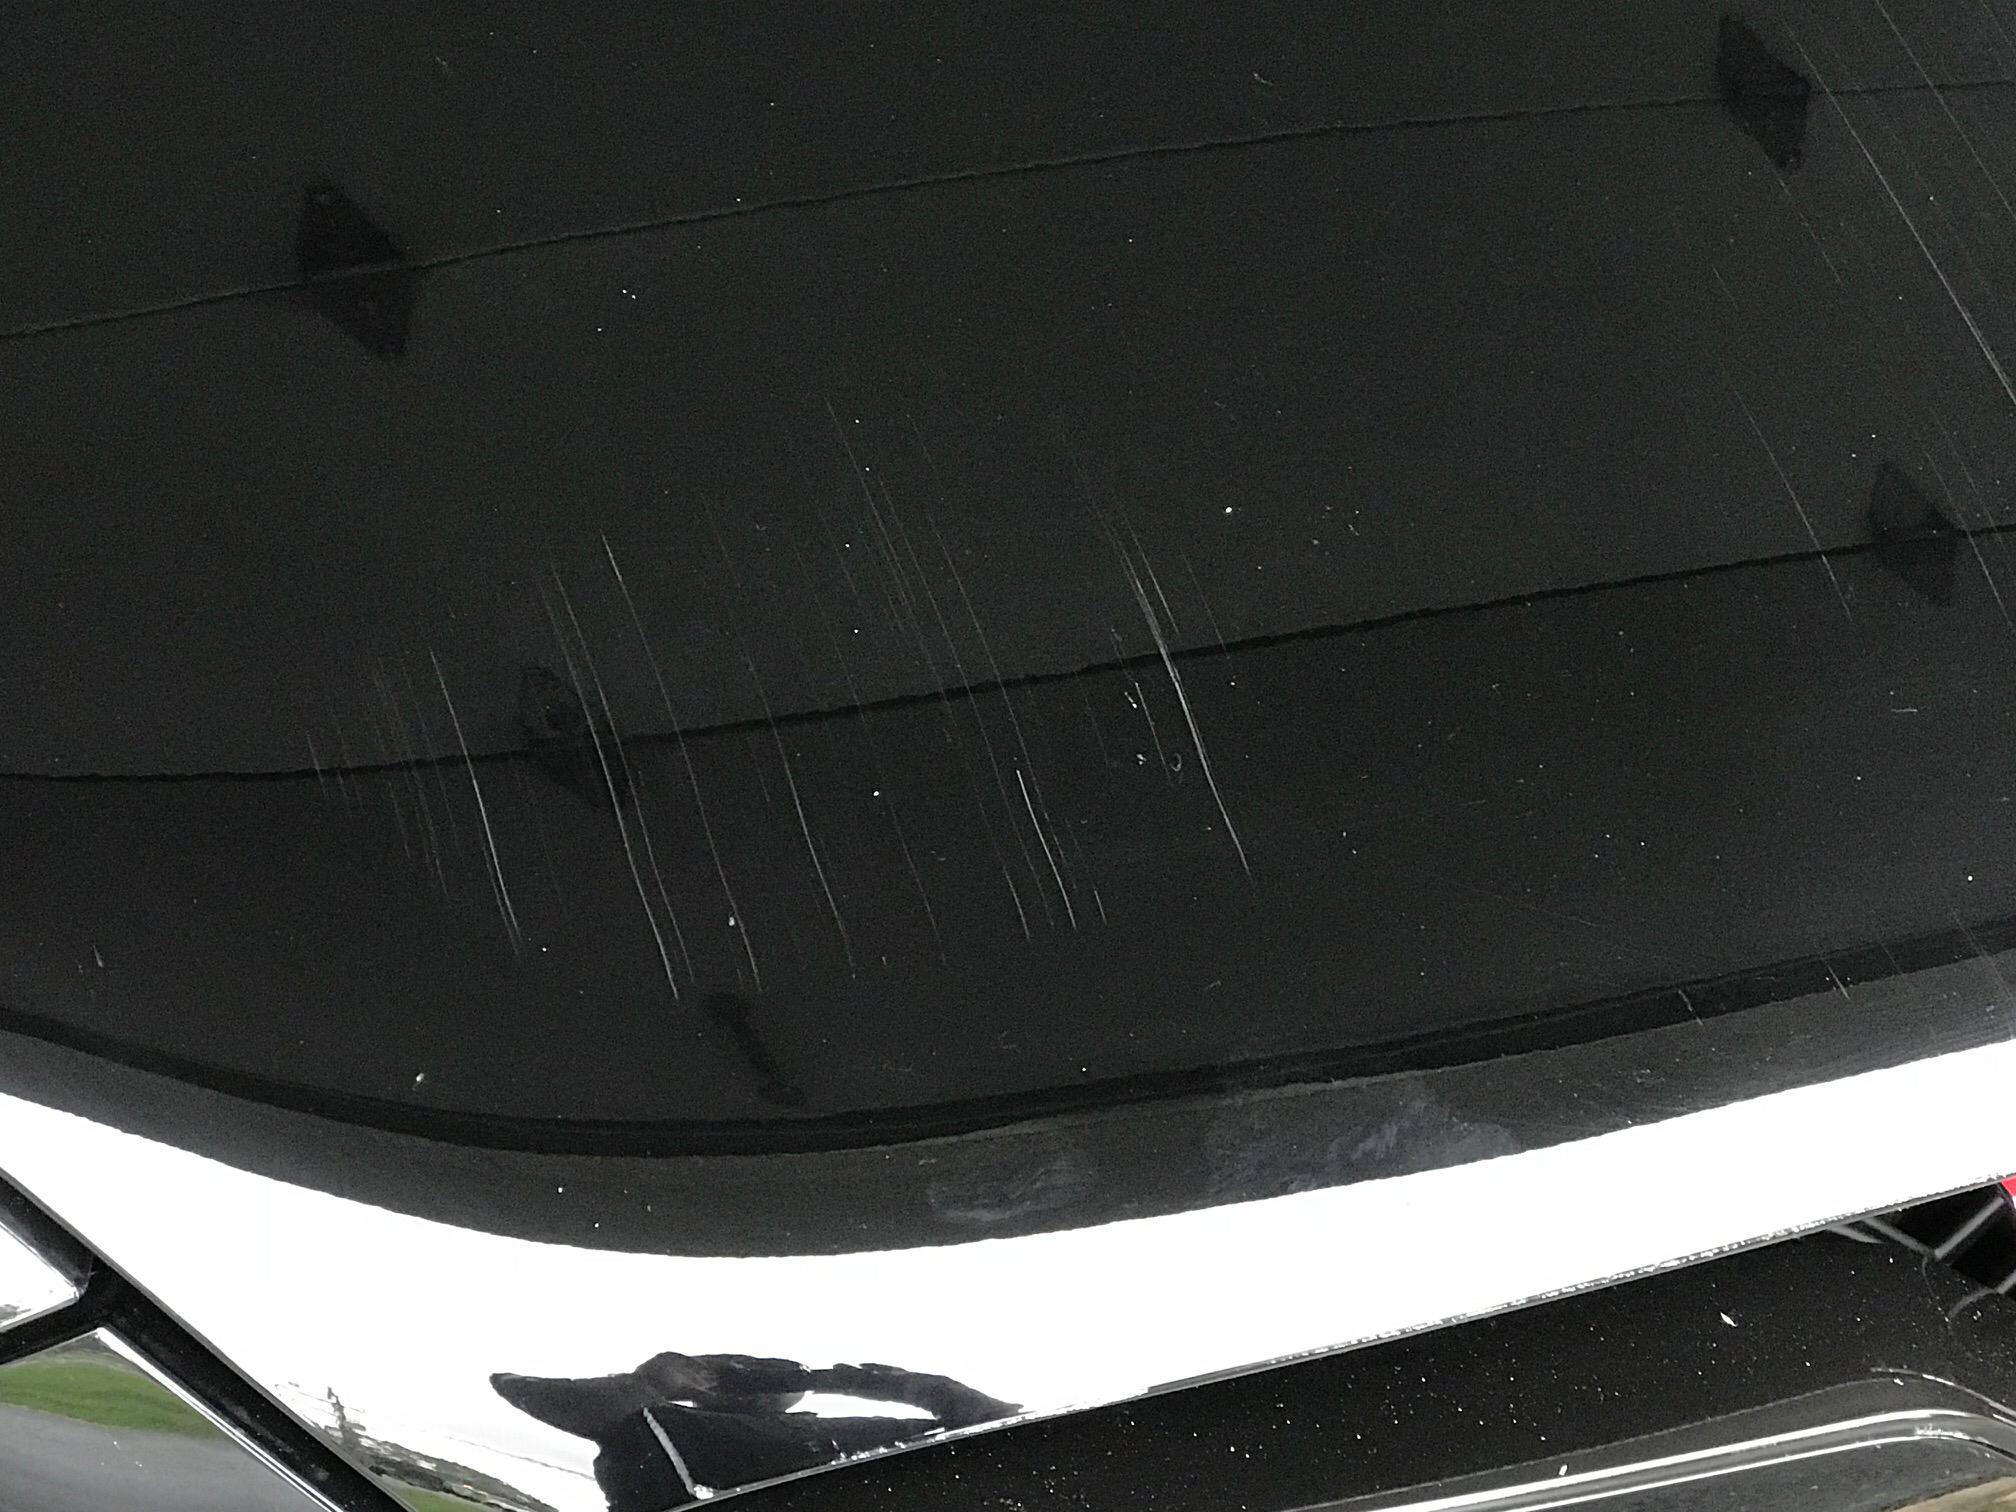 tesla-model-x-hood-damage-1